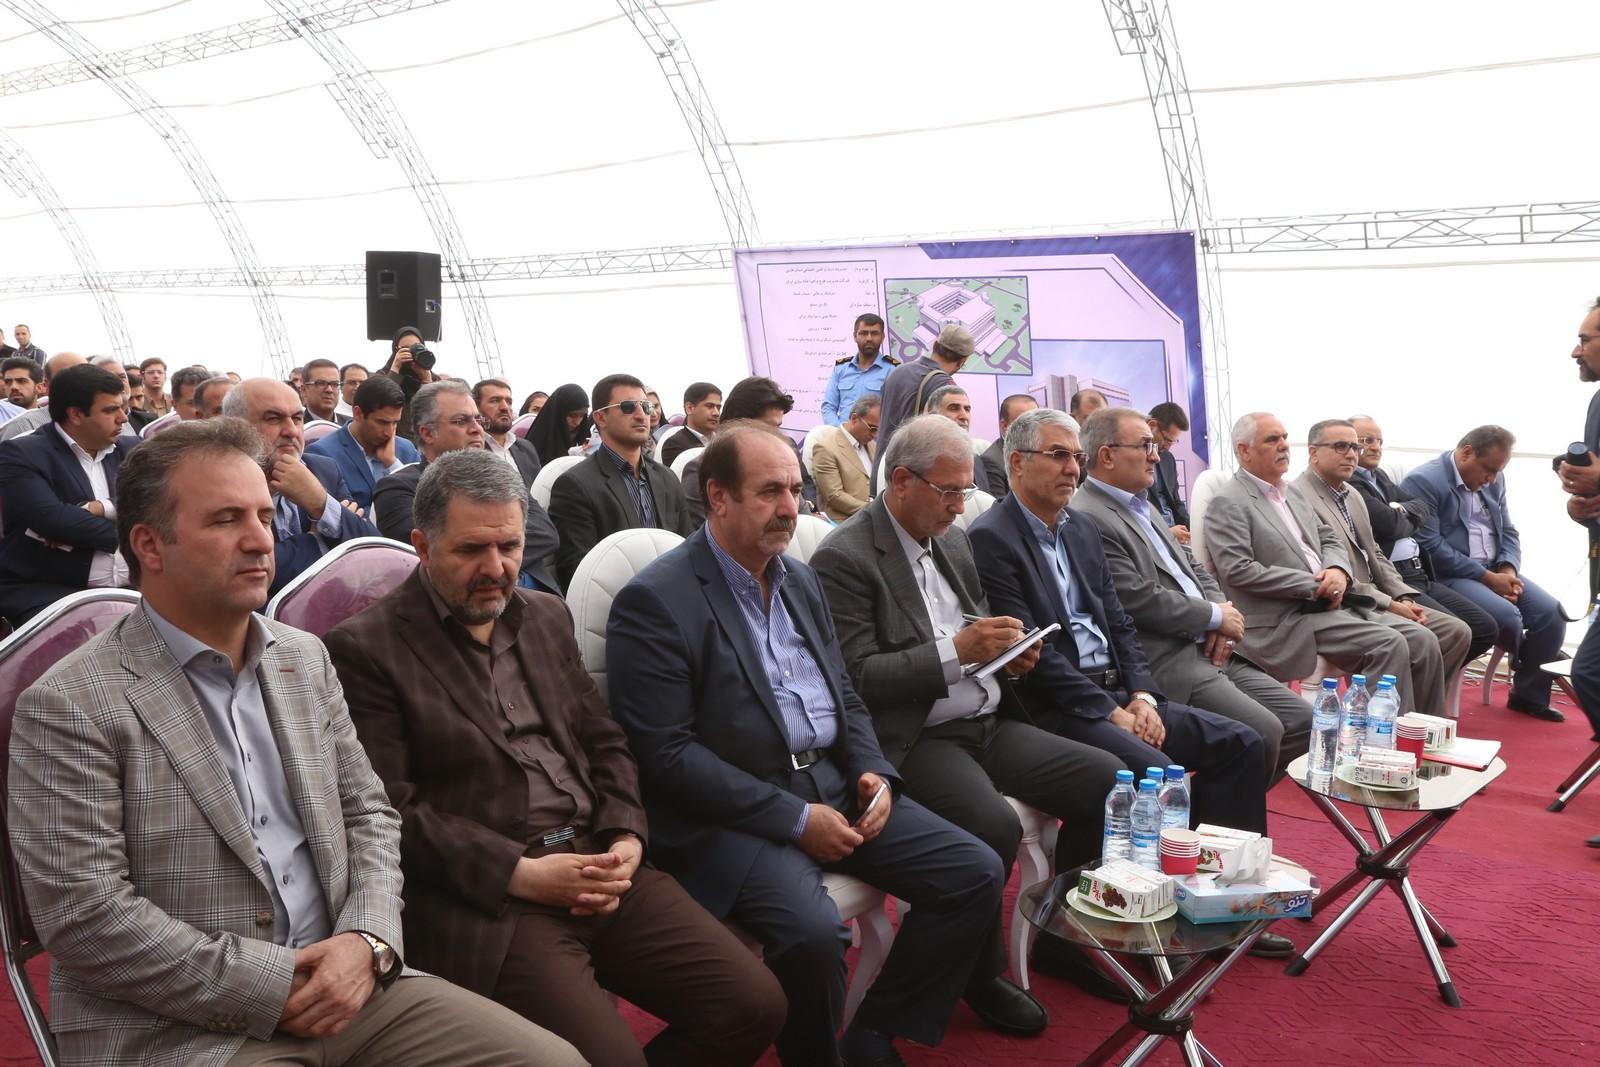 مراسم کلنگ زنی ساخت بیمارستان ۳۲۰ تختخوابی تأمین اجتماعی شیراز با حضور وزیر تعاون کار و رفاه اجتماعی و استاندار فارس